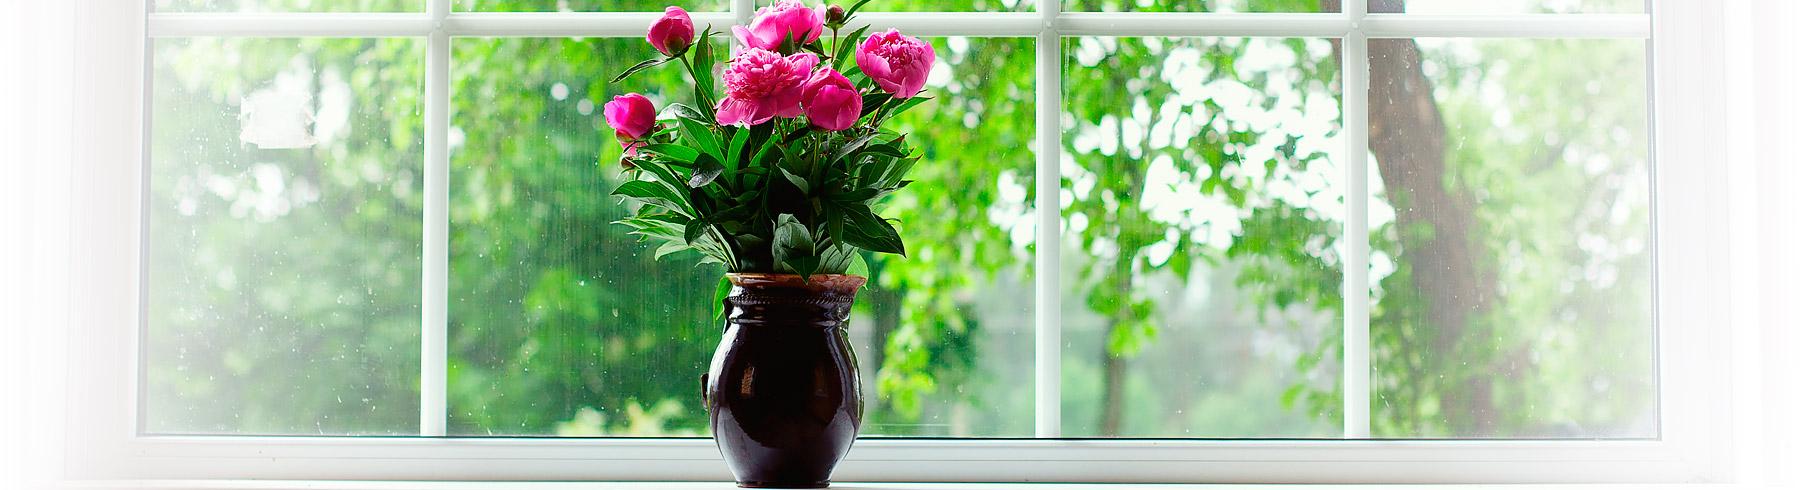 I fönstret